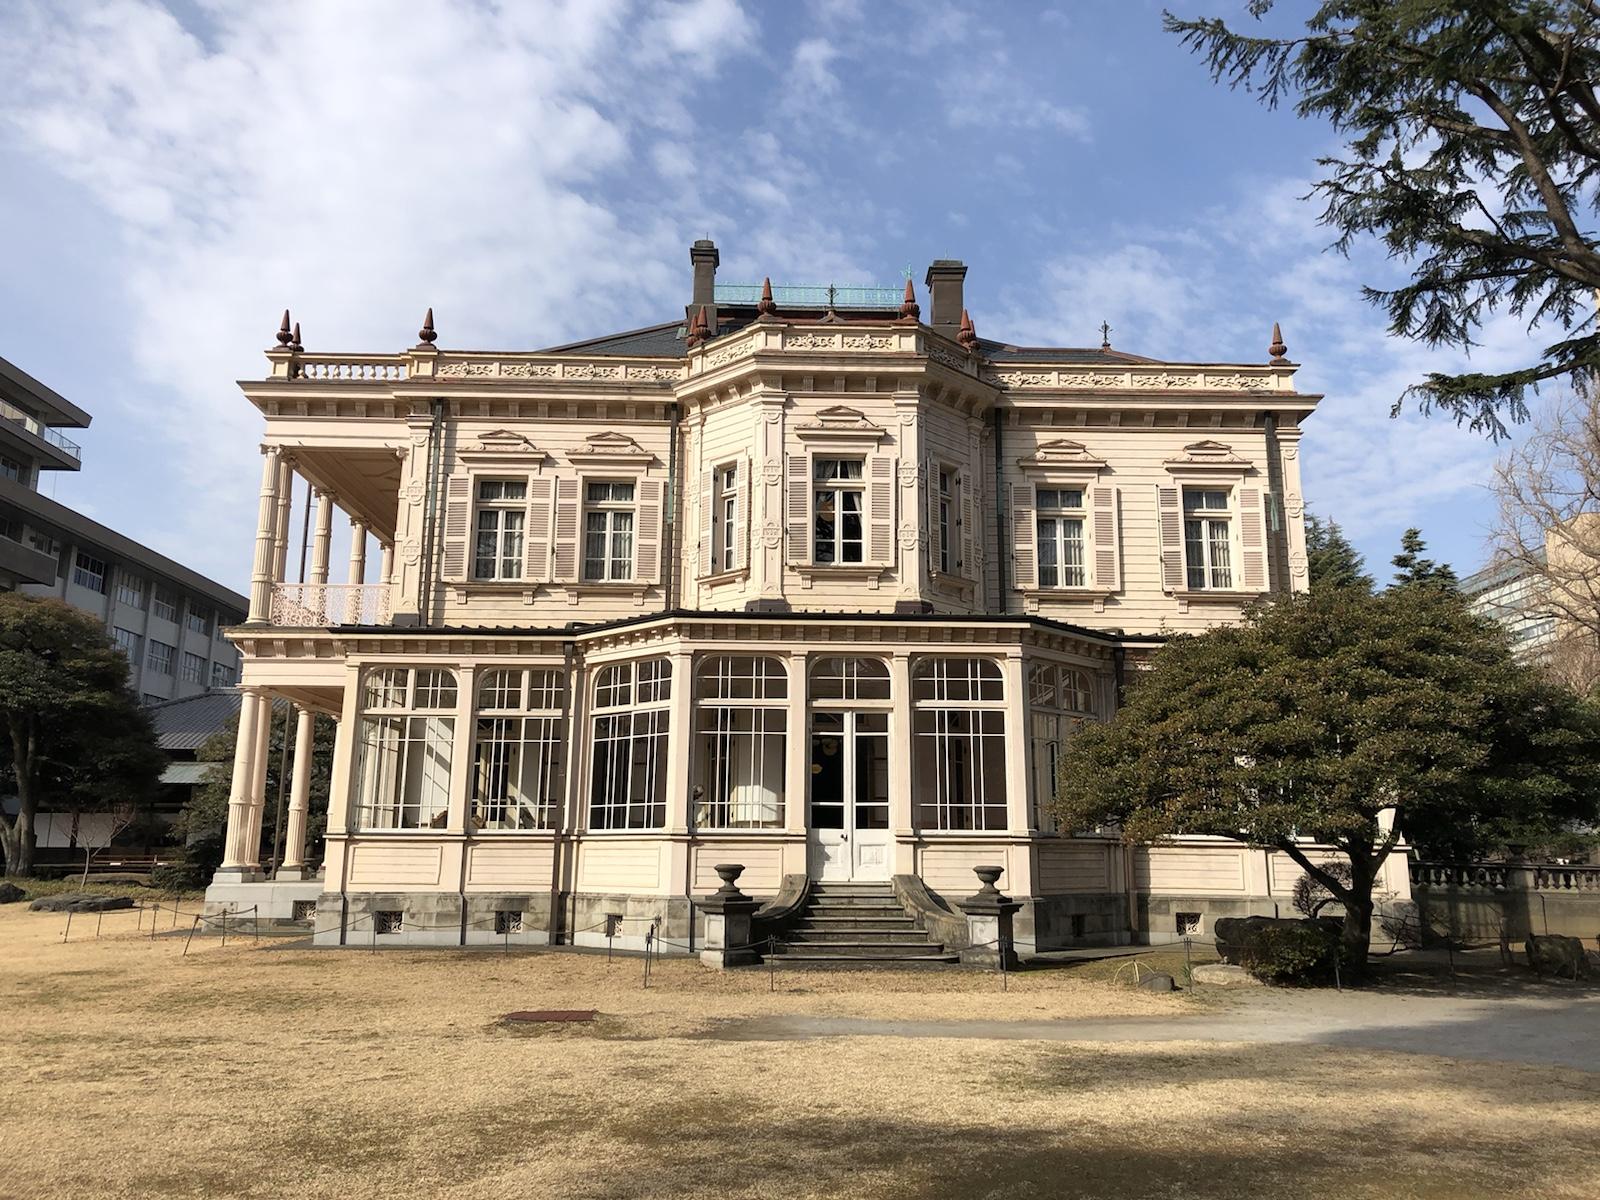 岩崎弥太郎の意志を受け継ぐ和と洋の館「旧岩崎邸庭園」